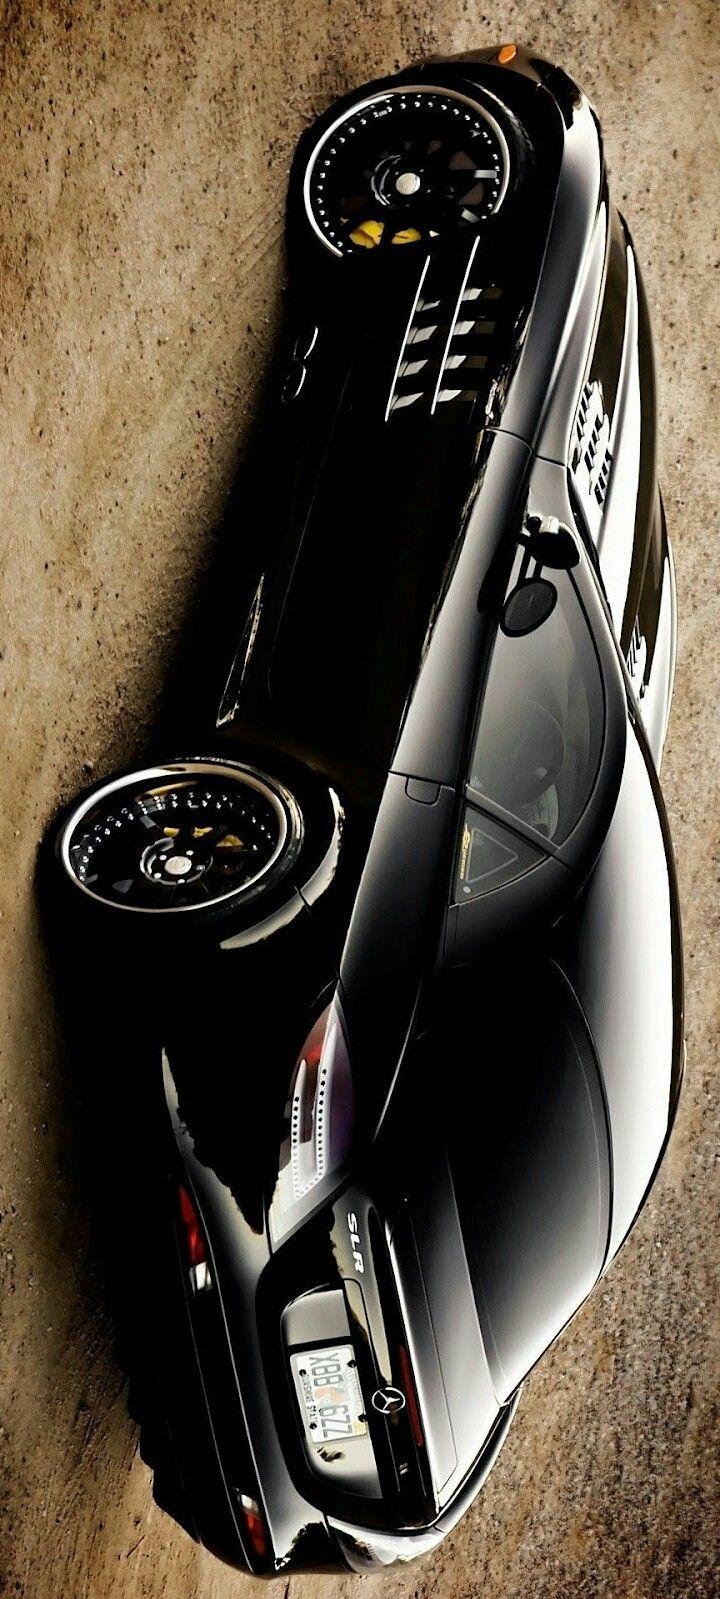 MERCEDES-BENZ SLR by Levon